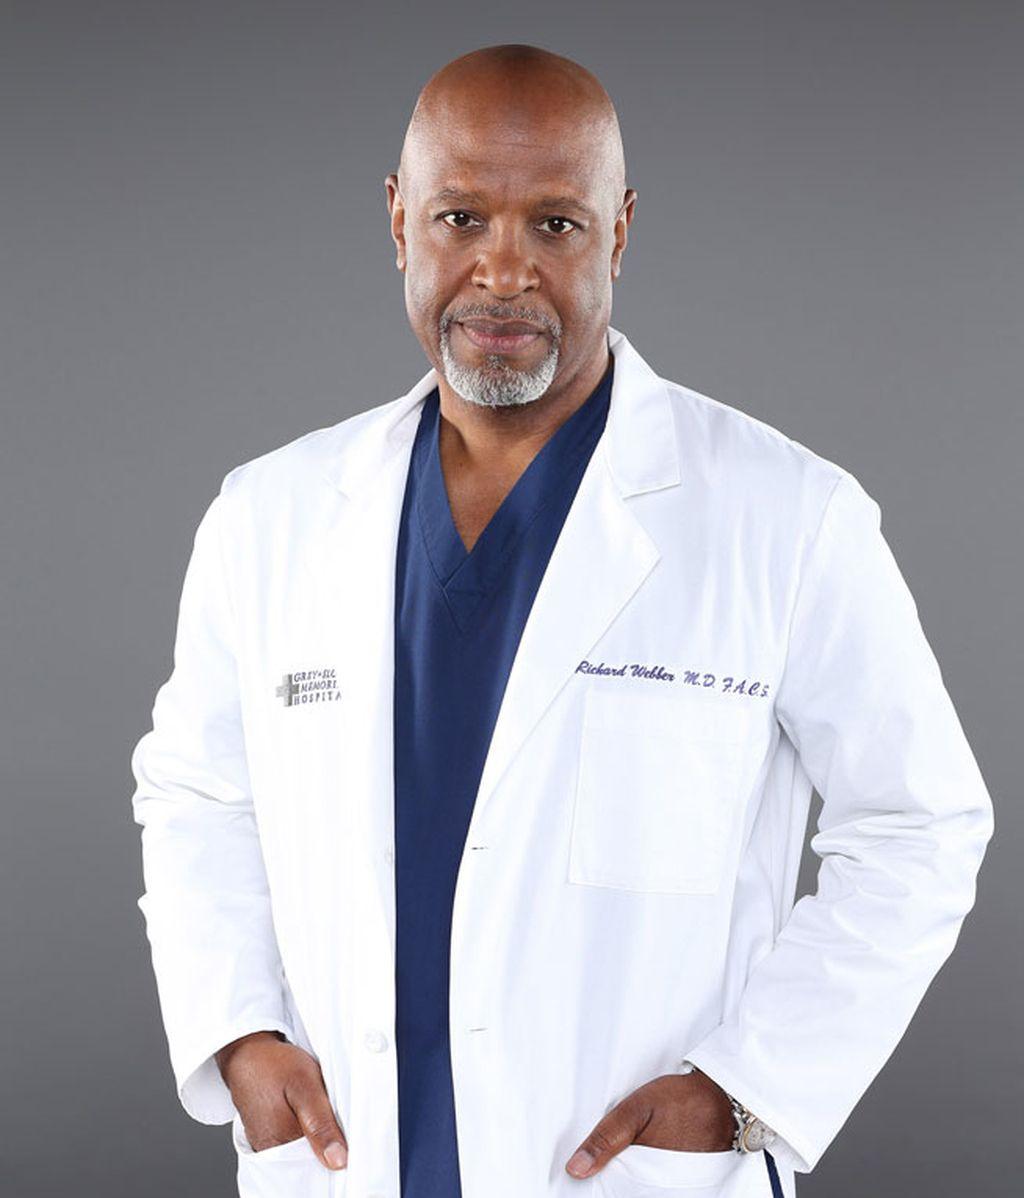 James Pickens Jr. es el doctor Richard Webber